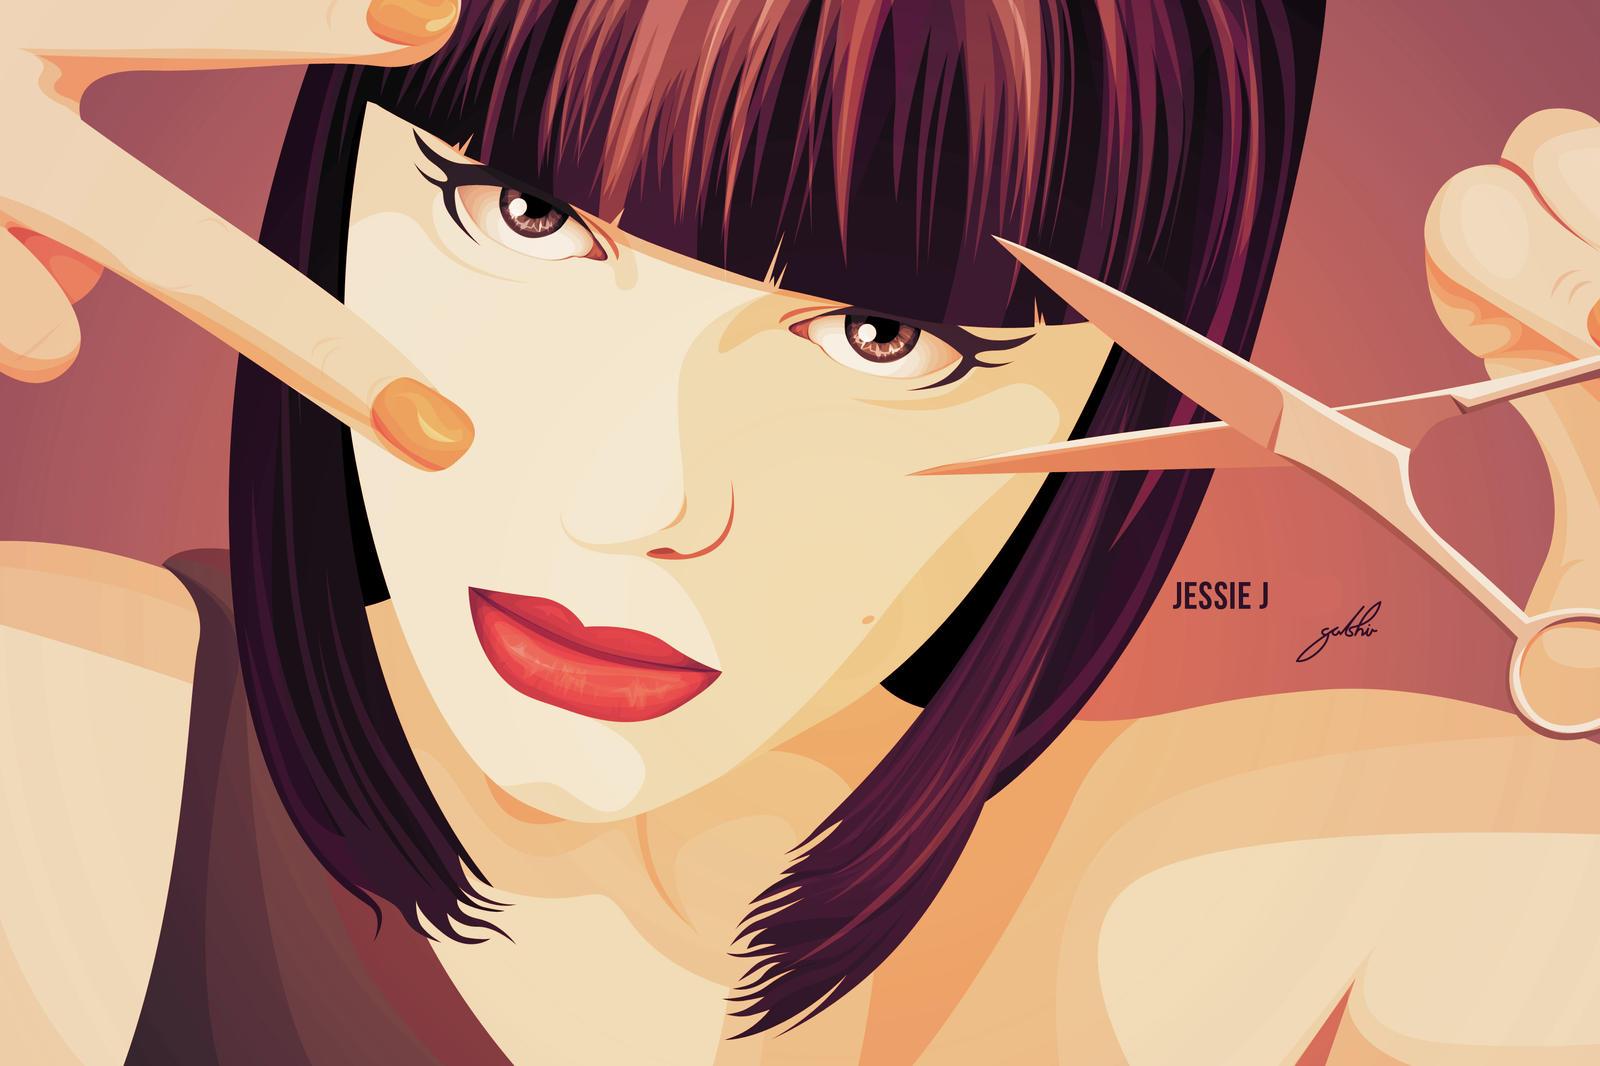 Jessie J by GalShir